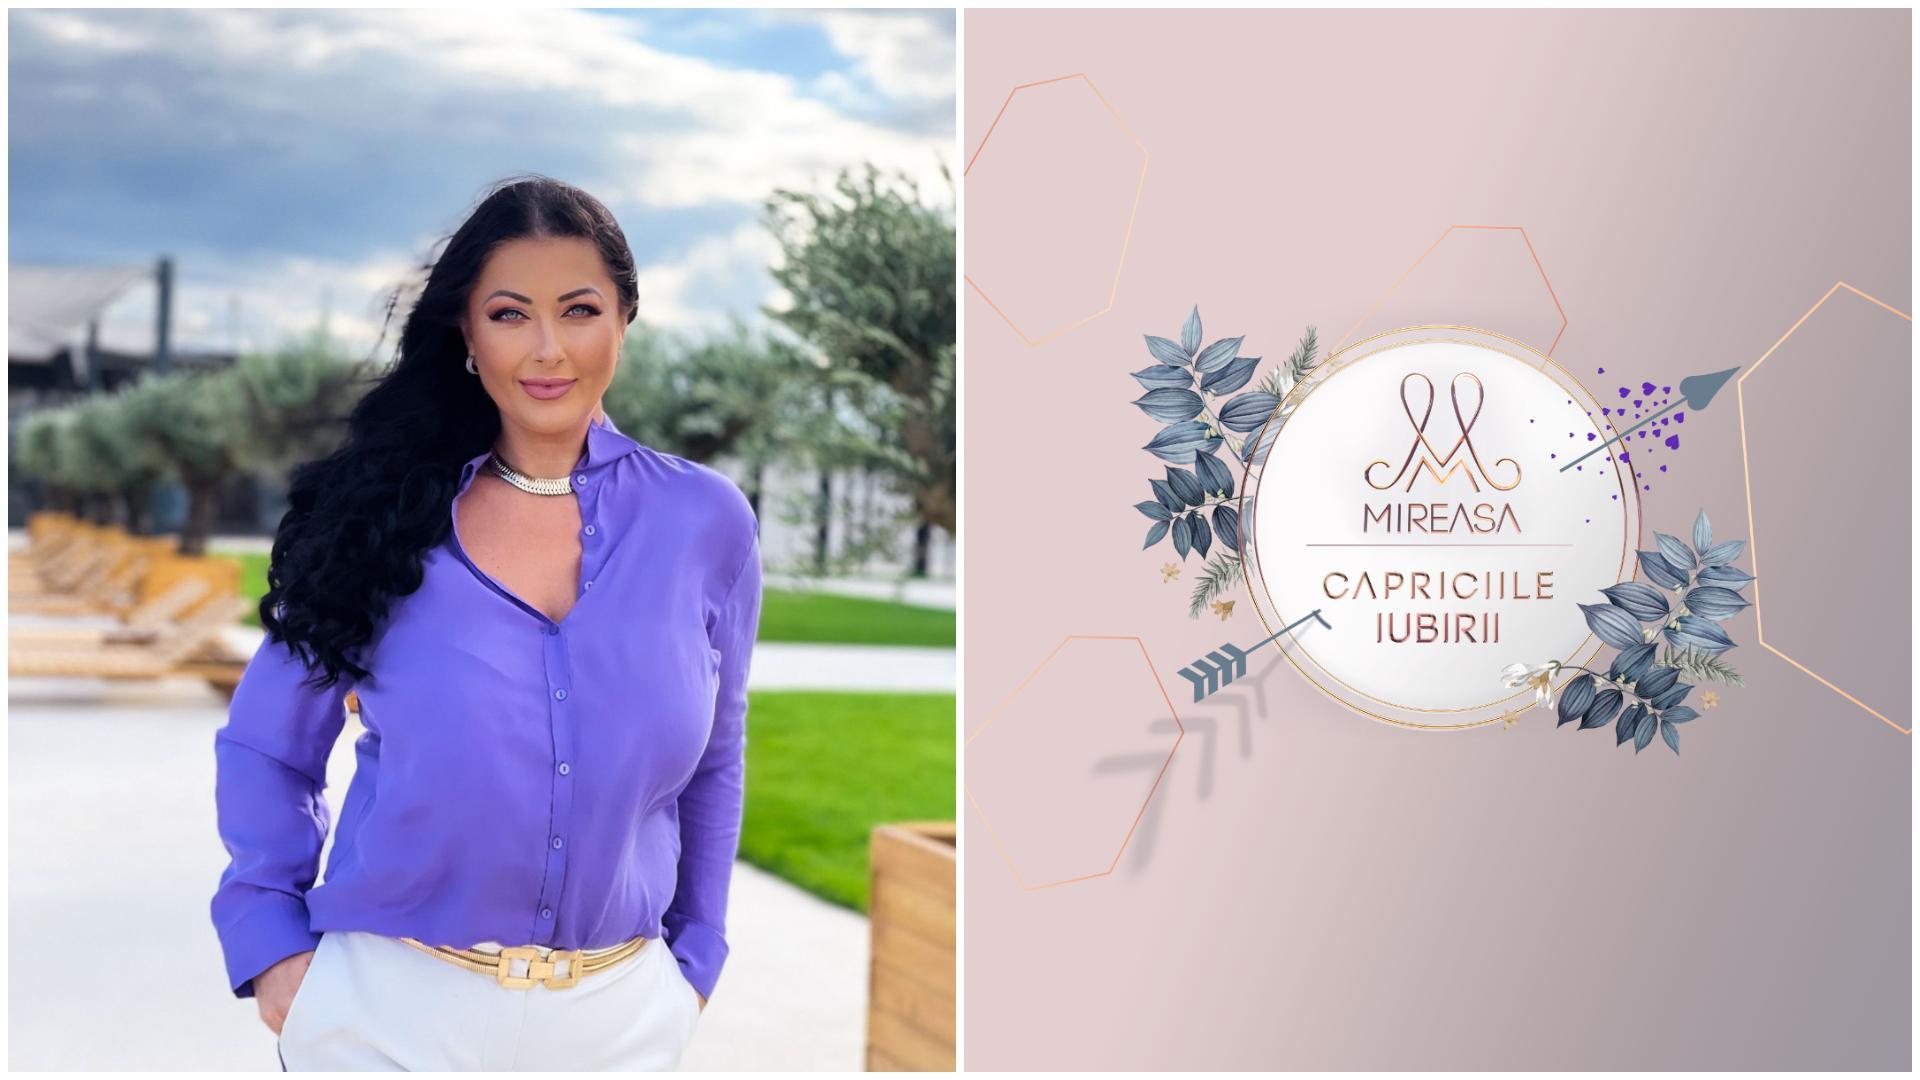 Gabriela Cristea prezintă Mireasa – Capriciile iubirii, începând de luni, 13 septembrie, la Antena Stars. La ce oră se va difuza